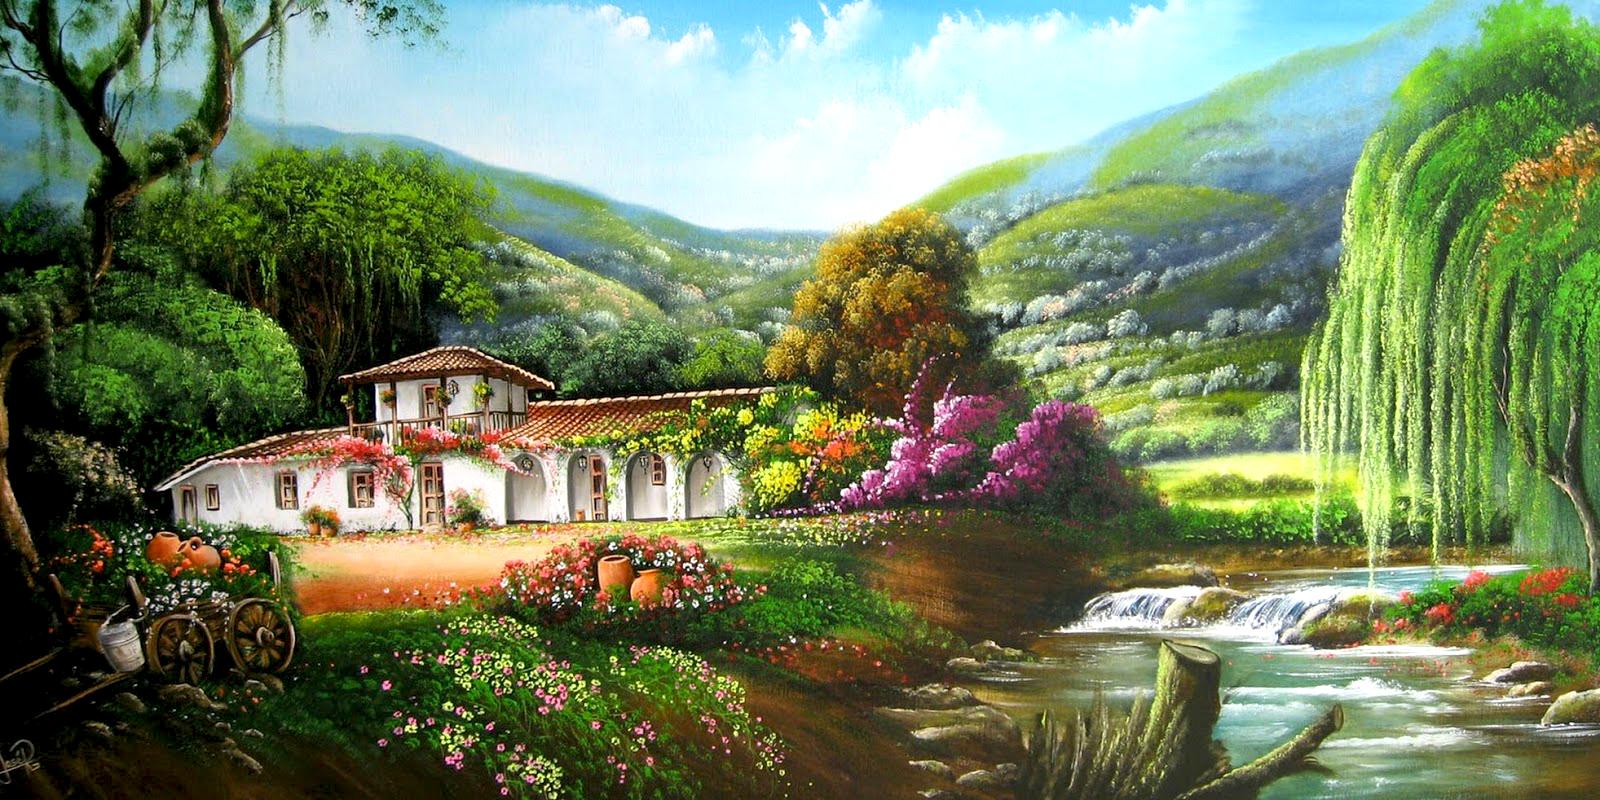 Im genes de paisajes fondos de pantalla y mucho m s for Ver jardines